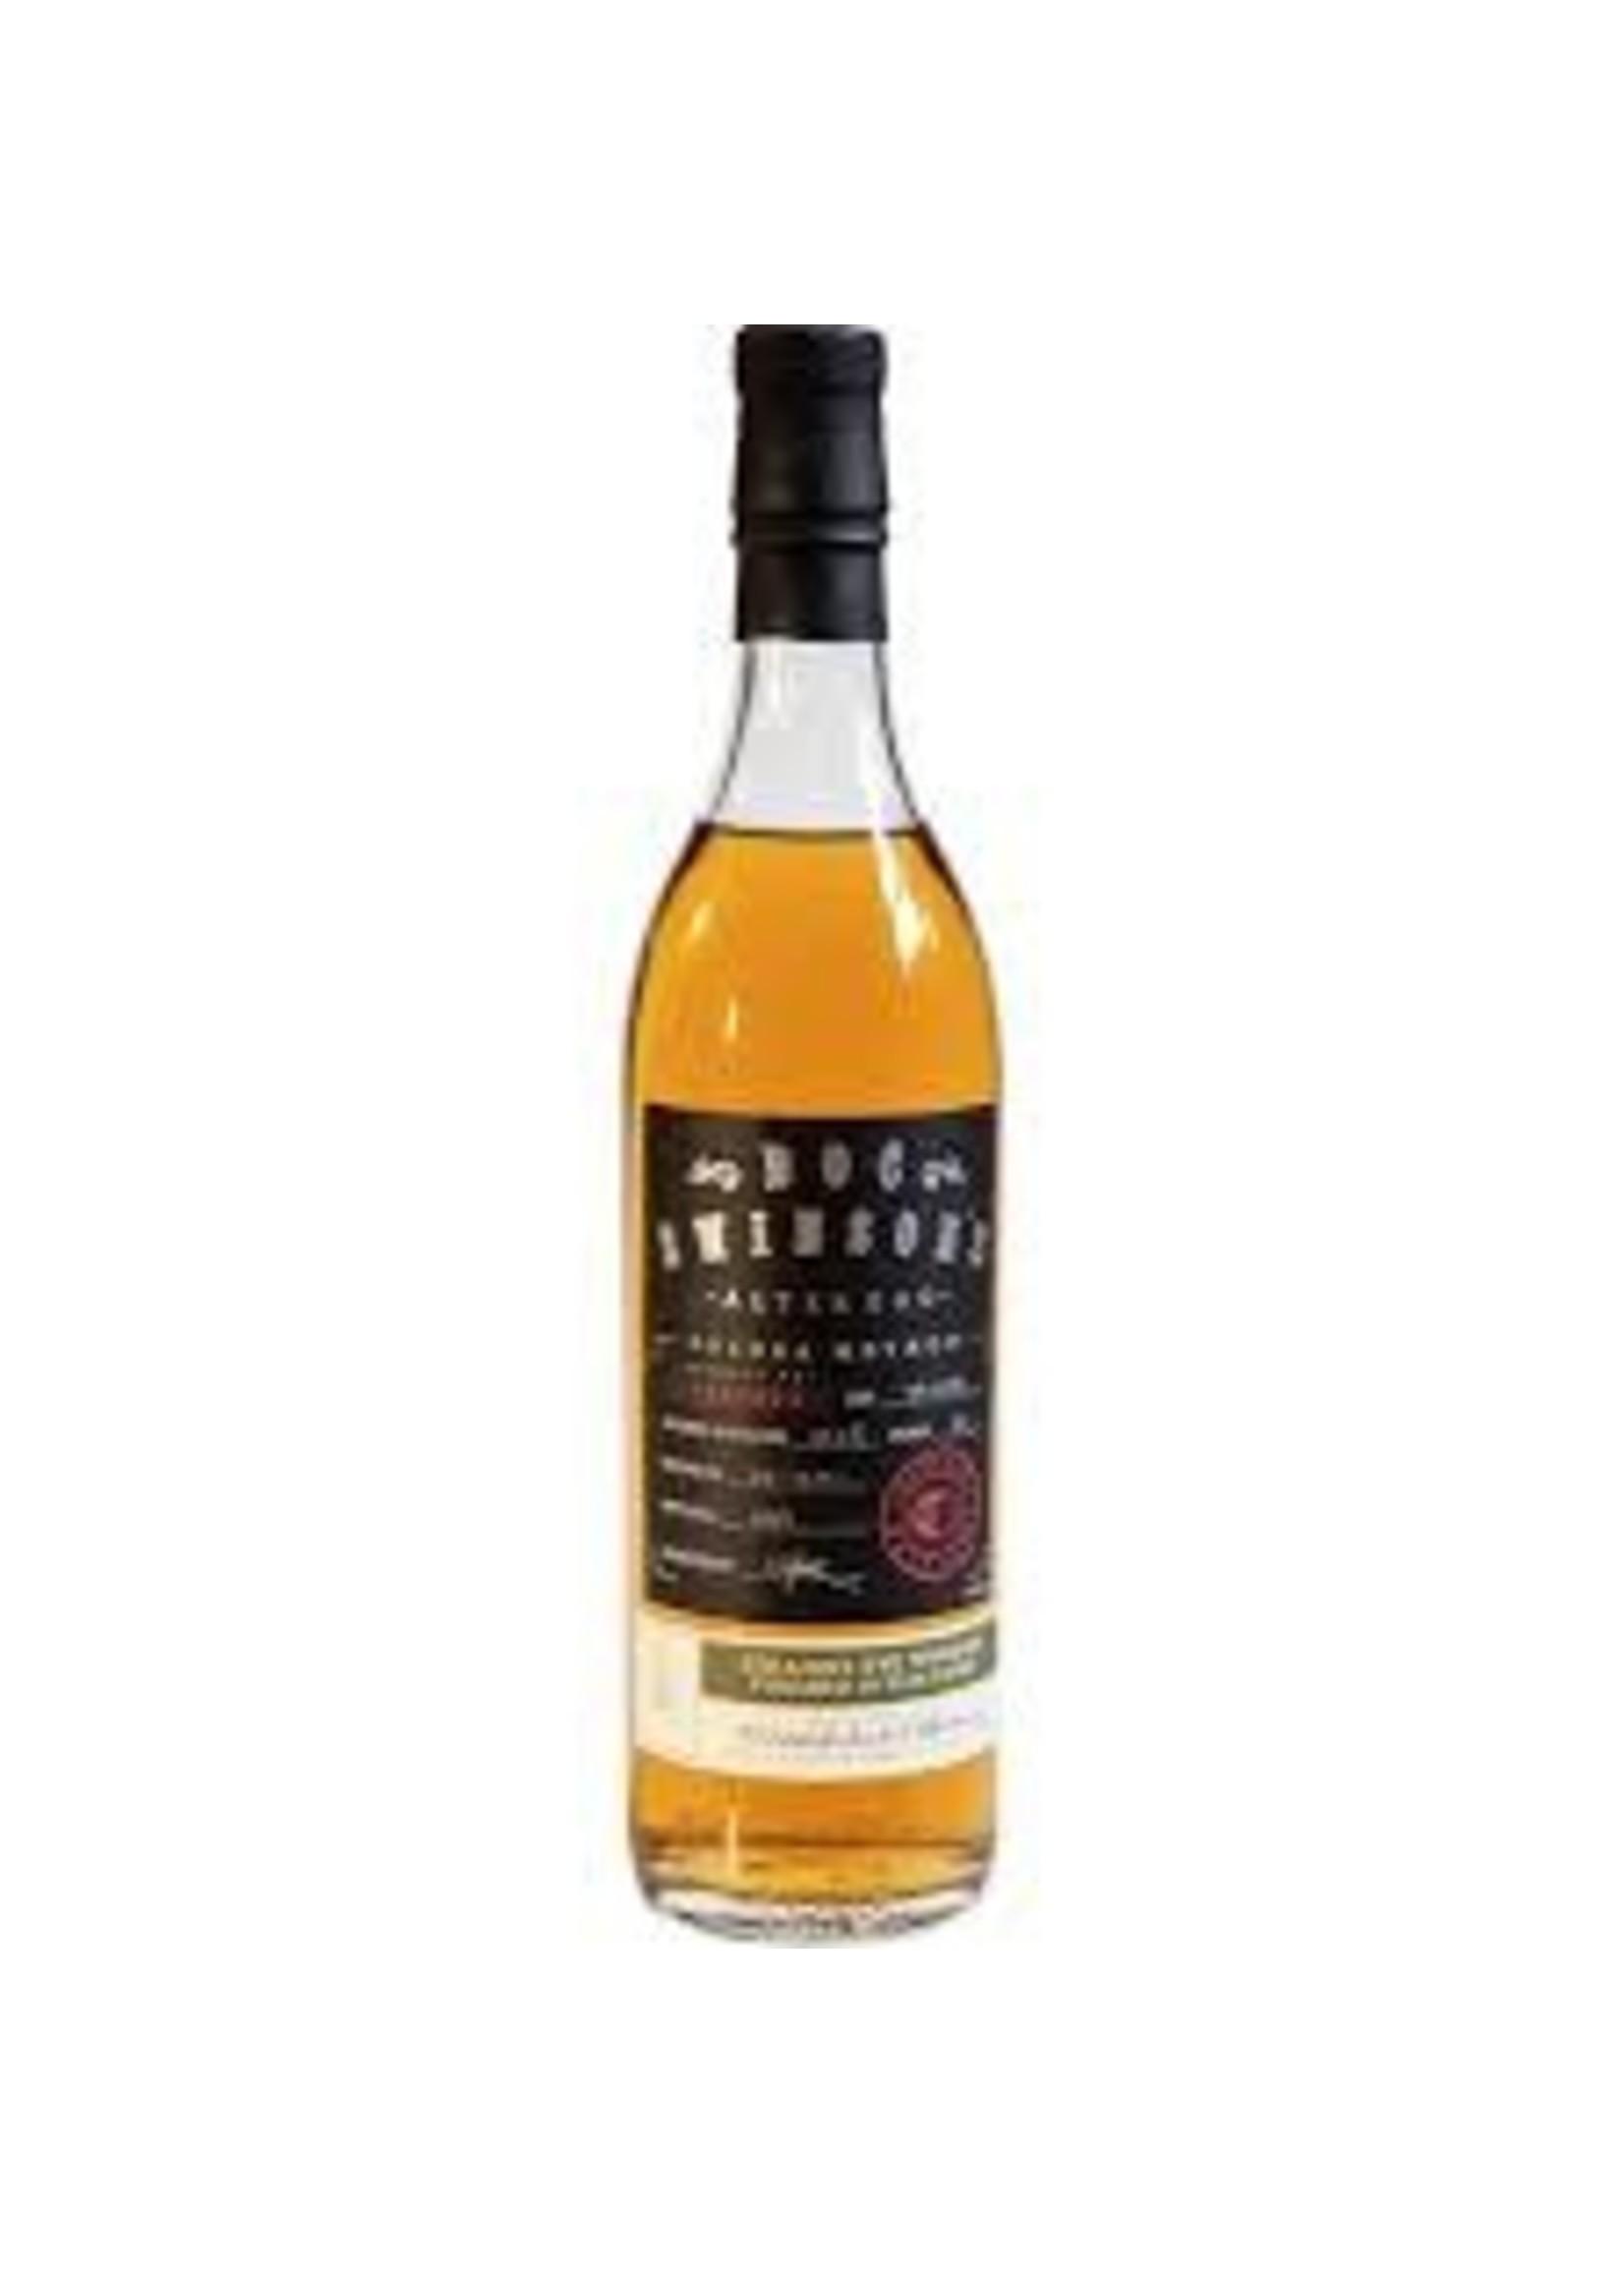 Doc Swinson's Alter Ego Solera Method Rye Whiskey 750ml